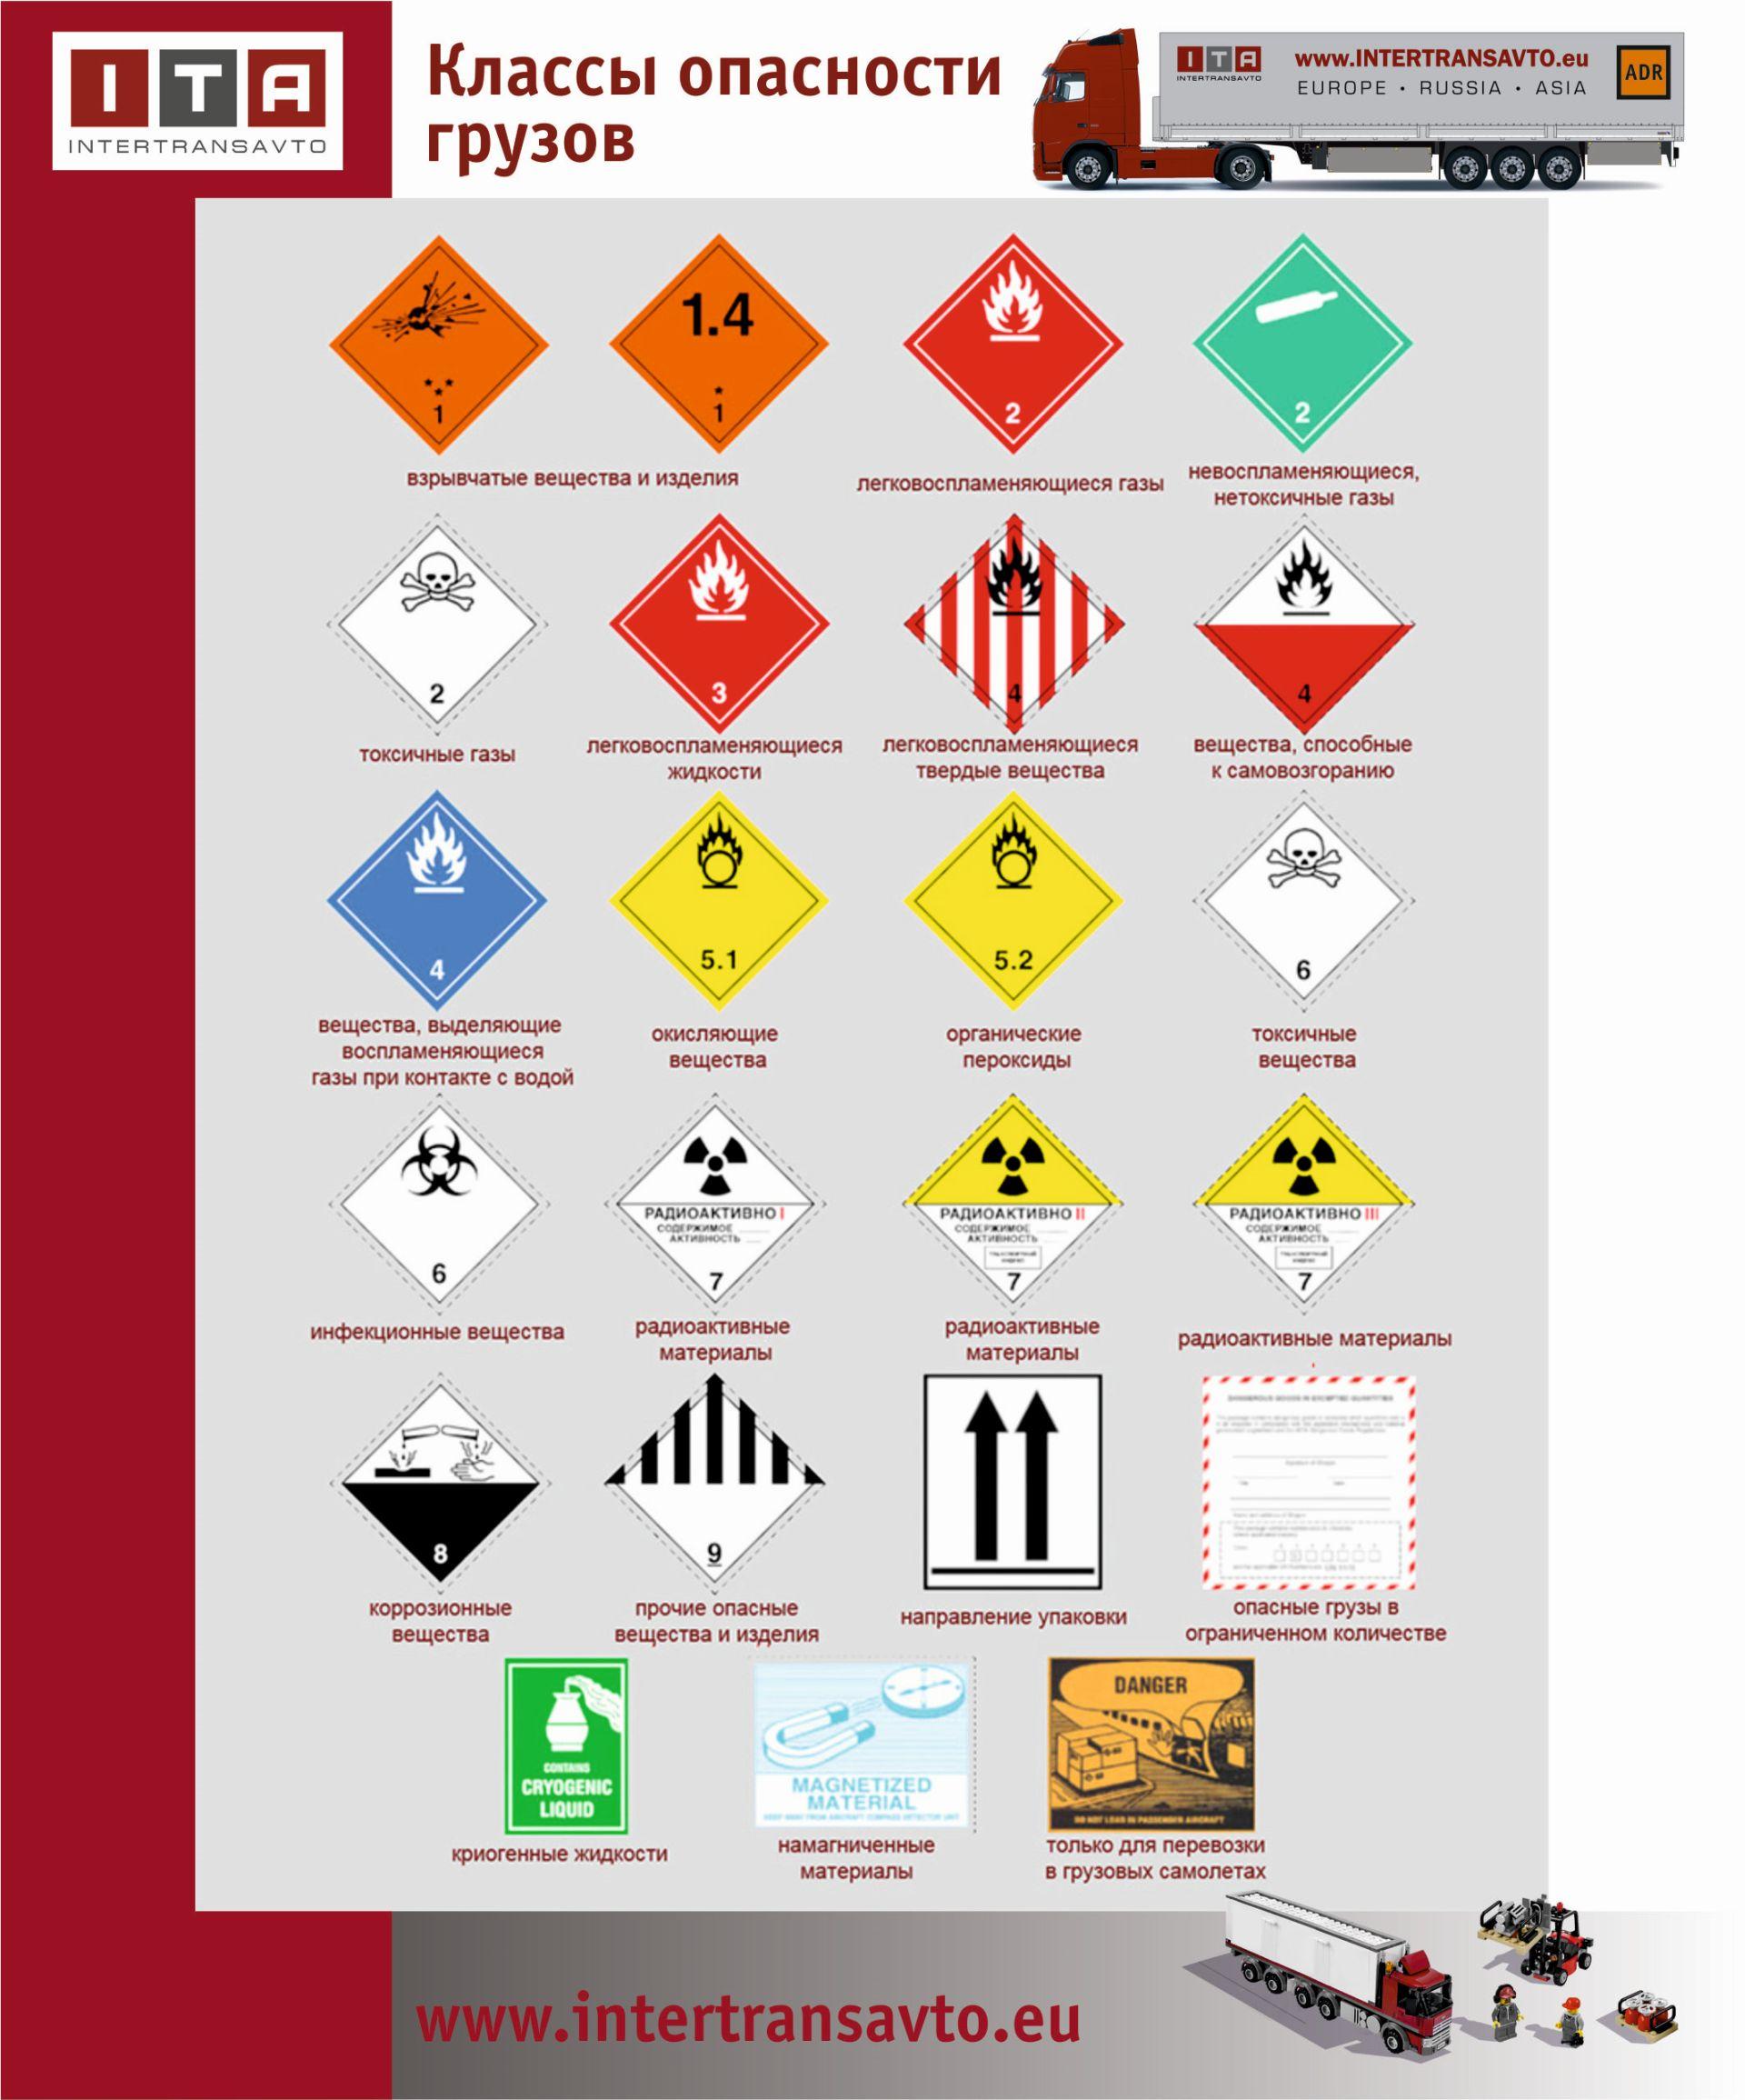 Получение допог на перевозку опасных грузов, бензовоз, автомобиль в гибдд, транспортное средство, свидетельства, документов в гибдд образец, заявление, доверенность, перечень, требования, стаж, пакет